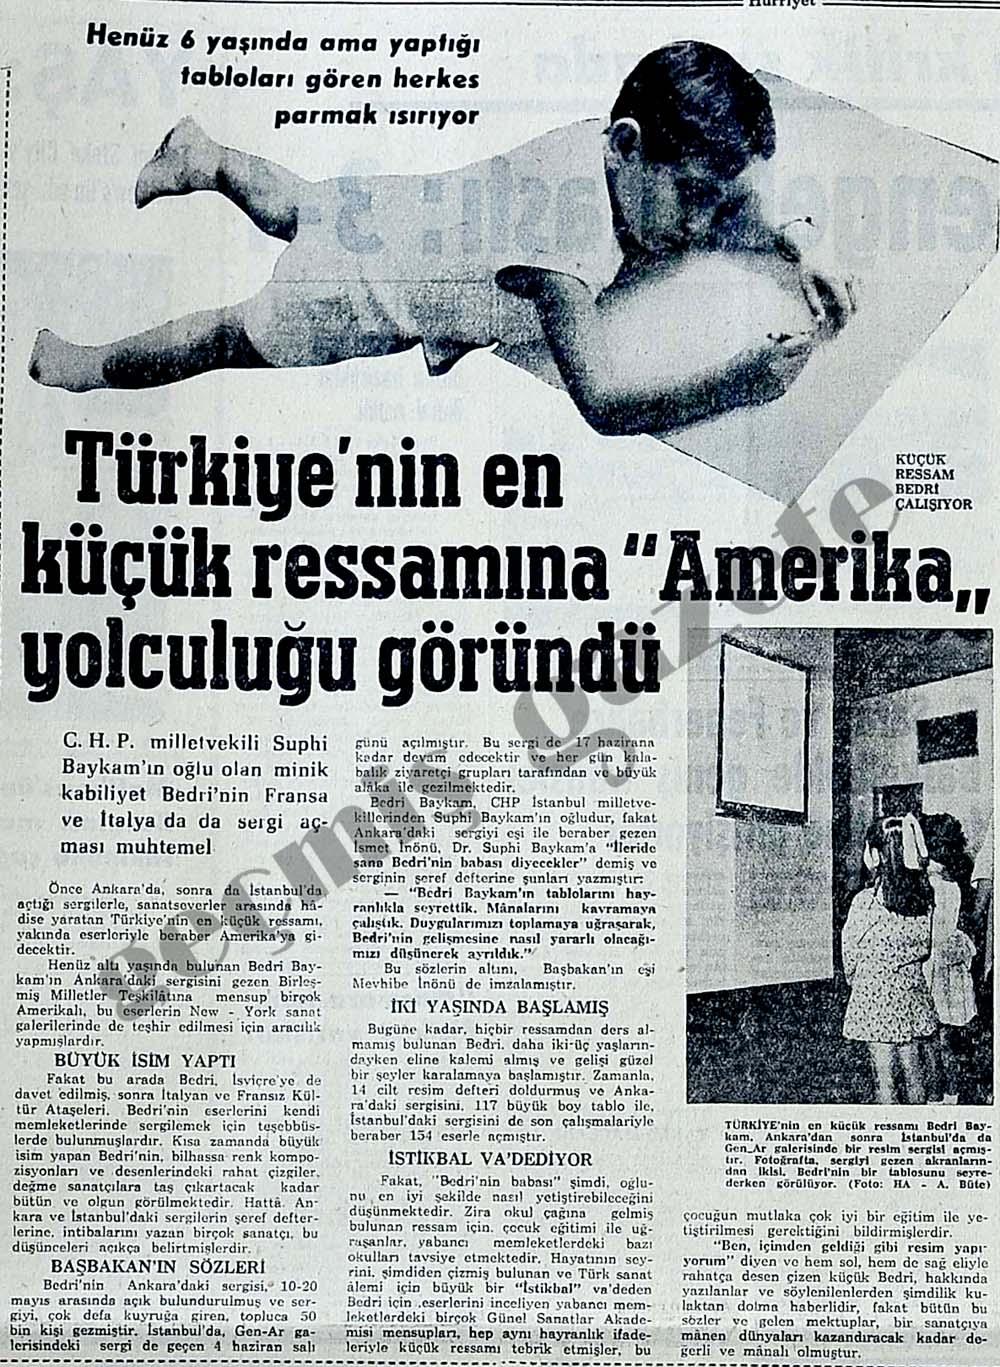 """Türkiye'nin en küçük ressamına """"Amerika"""" yolculuğu göründü"""